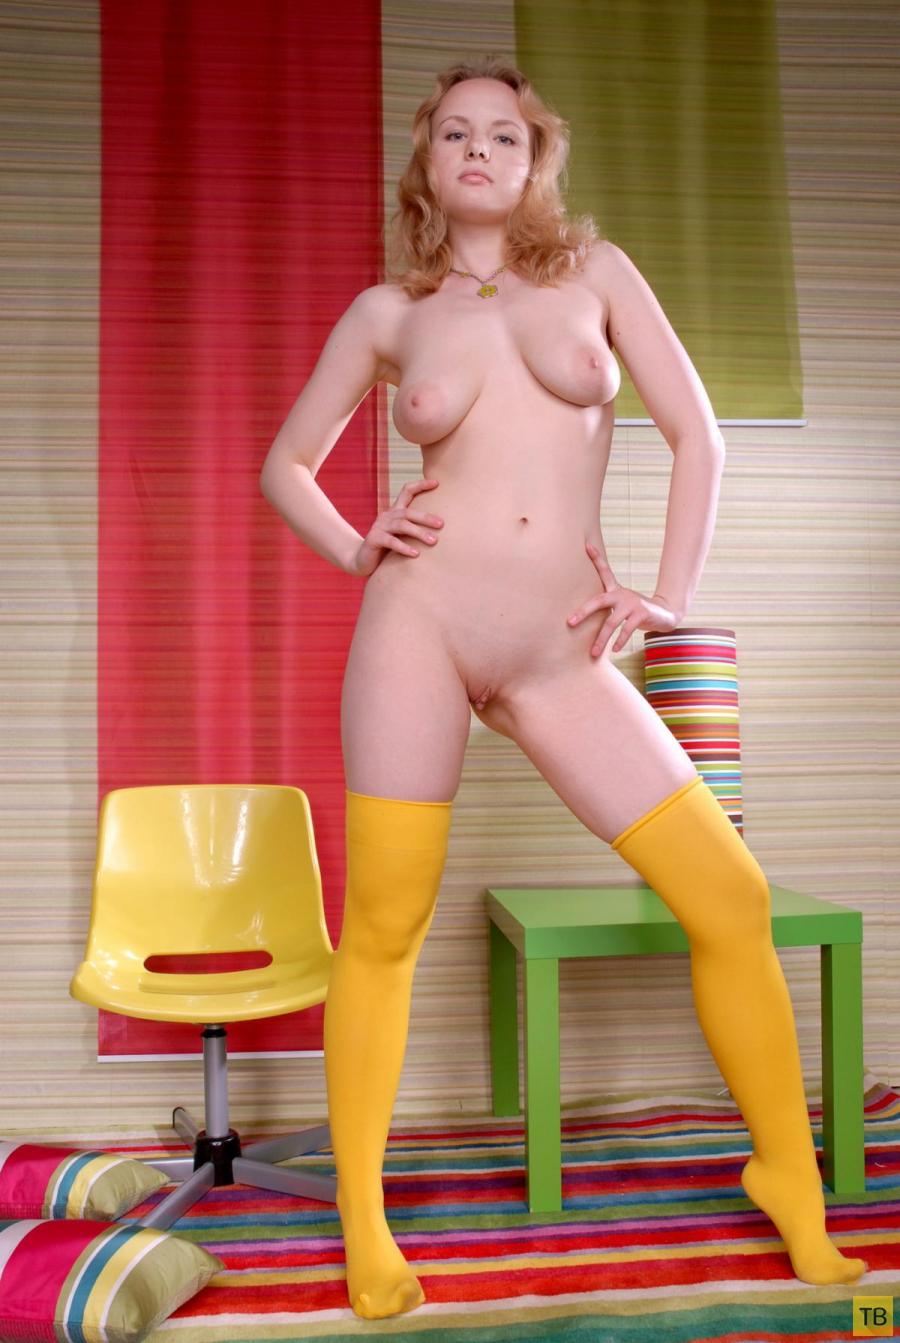 Скромная блондинка в желтеньких чулочках (16 фото)